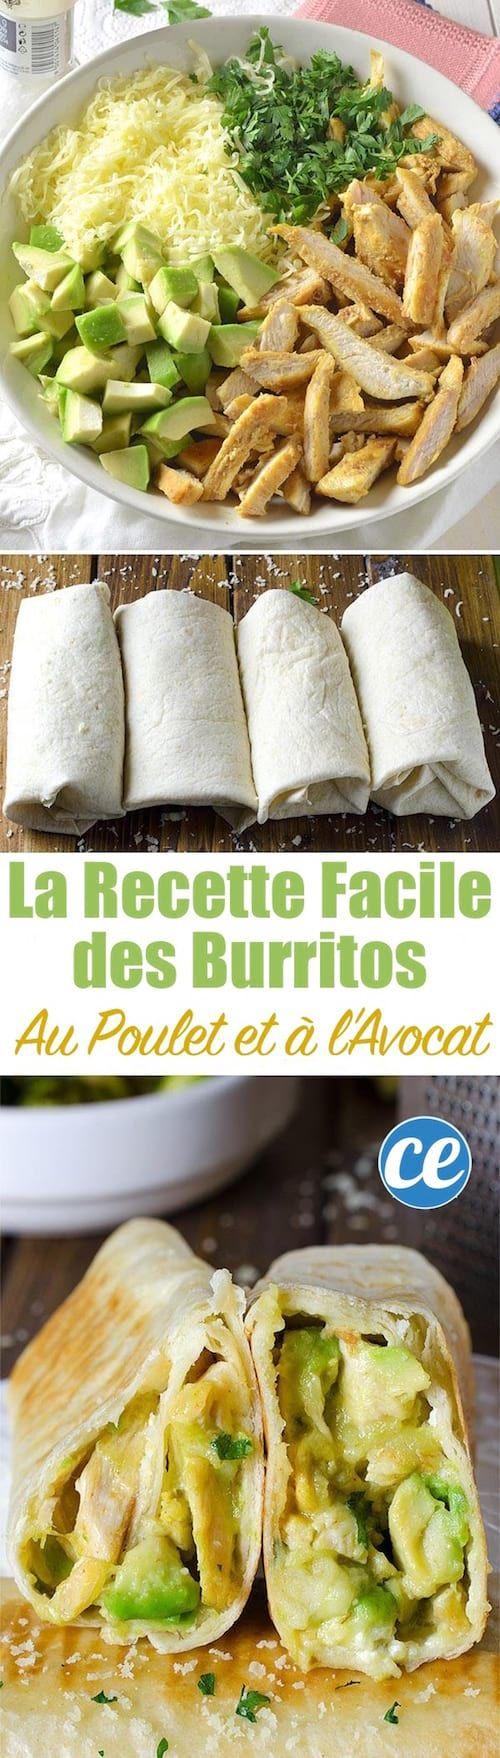 Schnell und einfach zuzubereiten: Das leckere Hähnchen-Burritos-Rezept und die Avocado